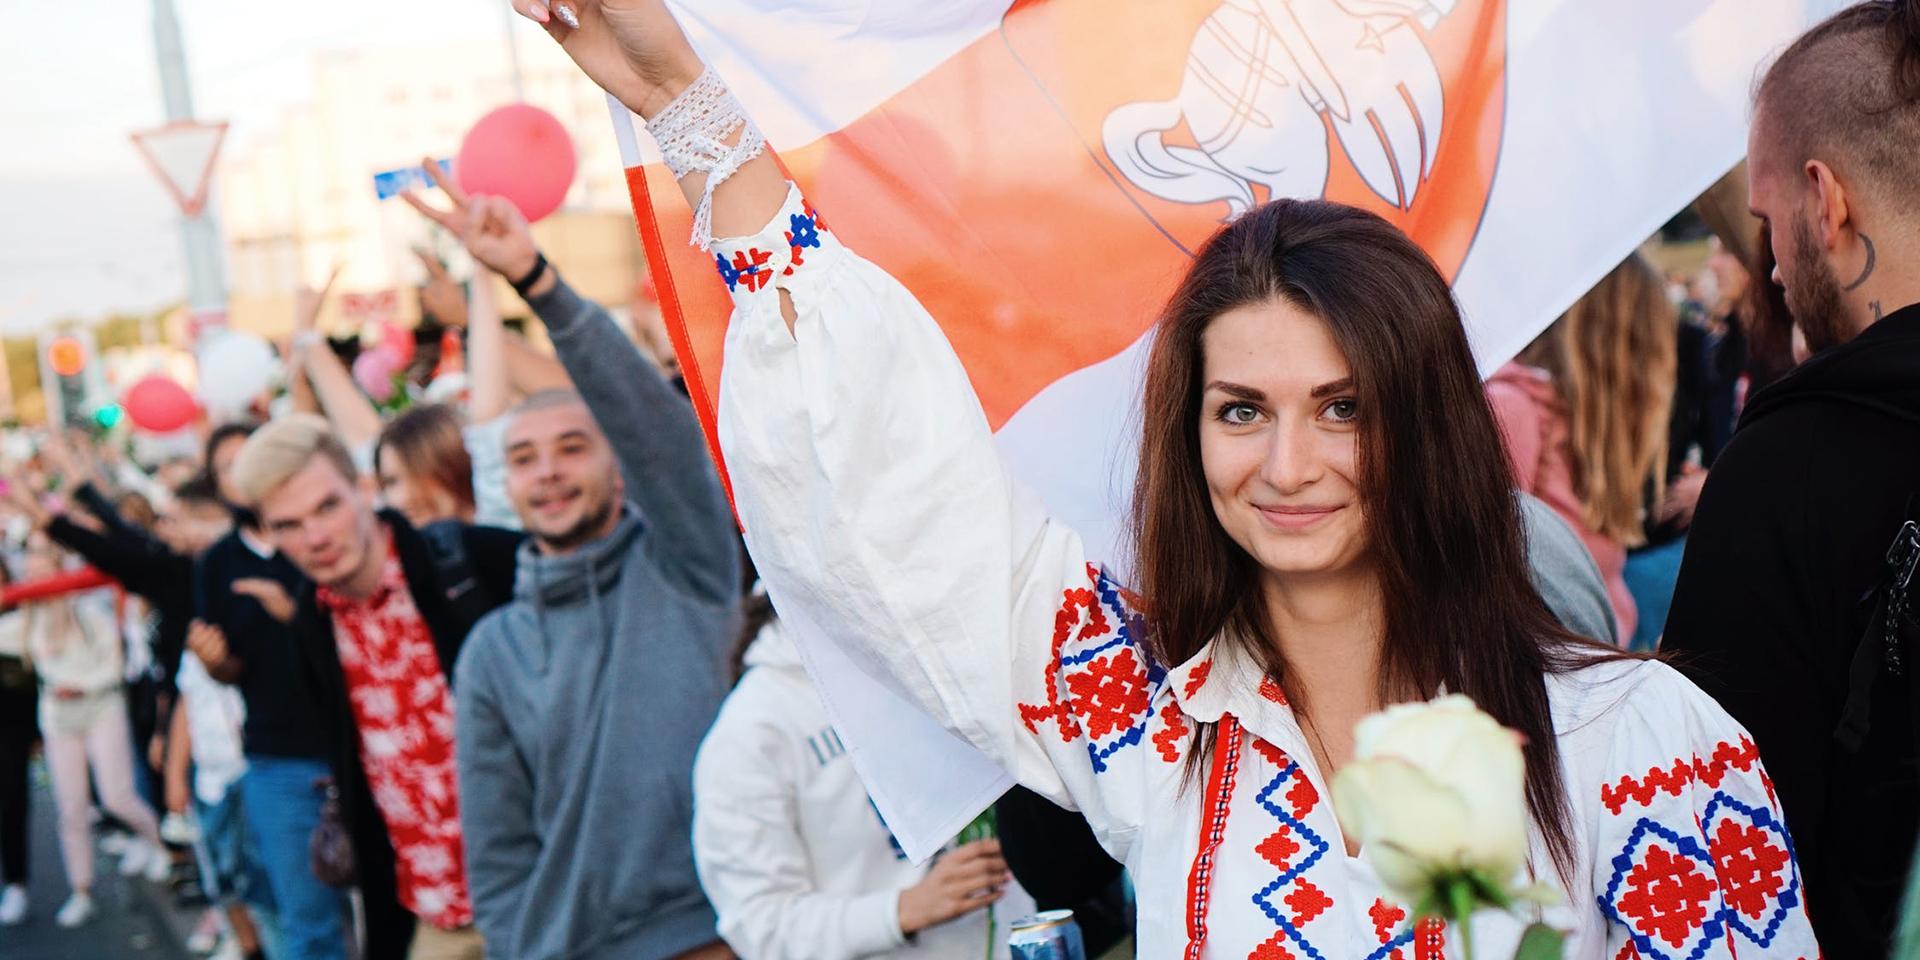 Die Protestbewegung in Belarus ist auch eine Frauenbewegung.